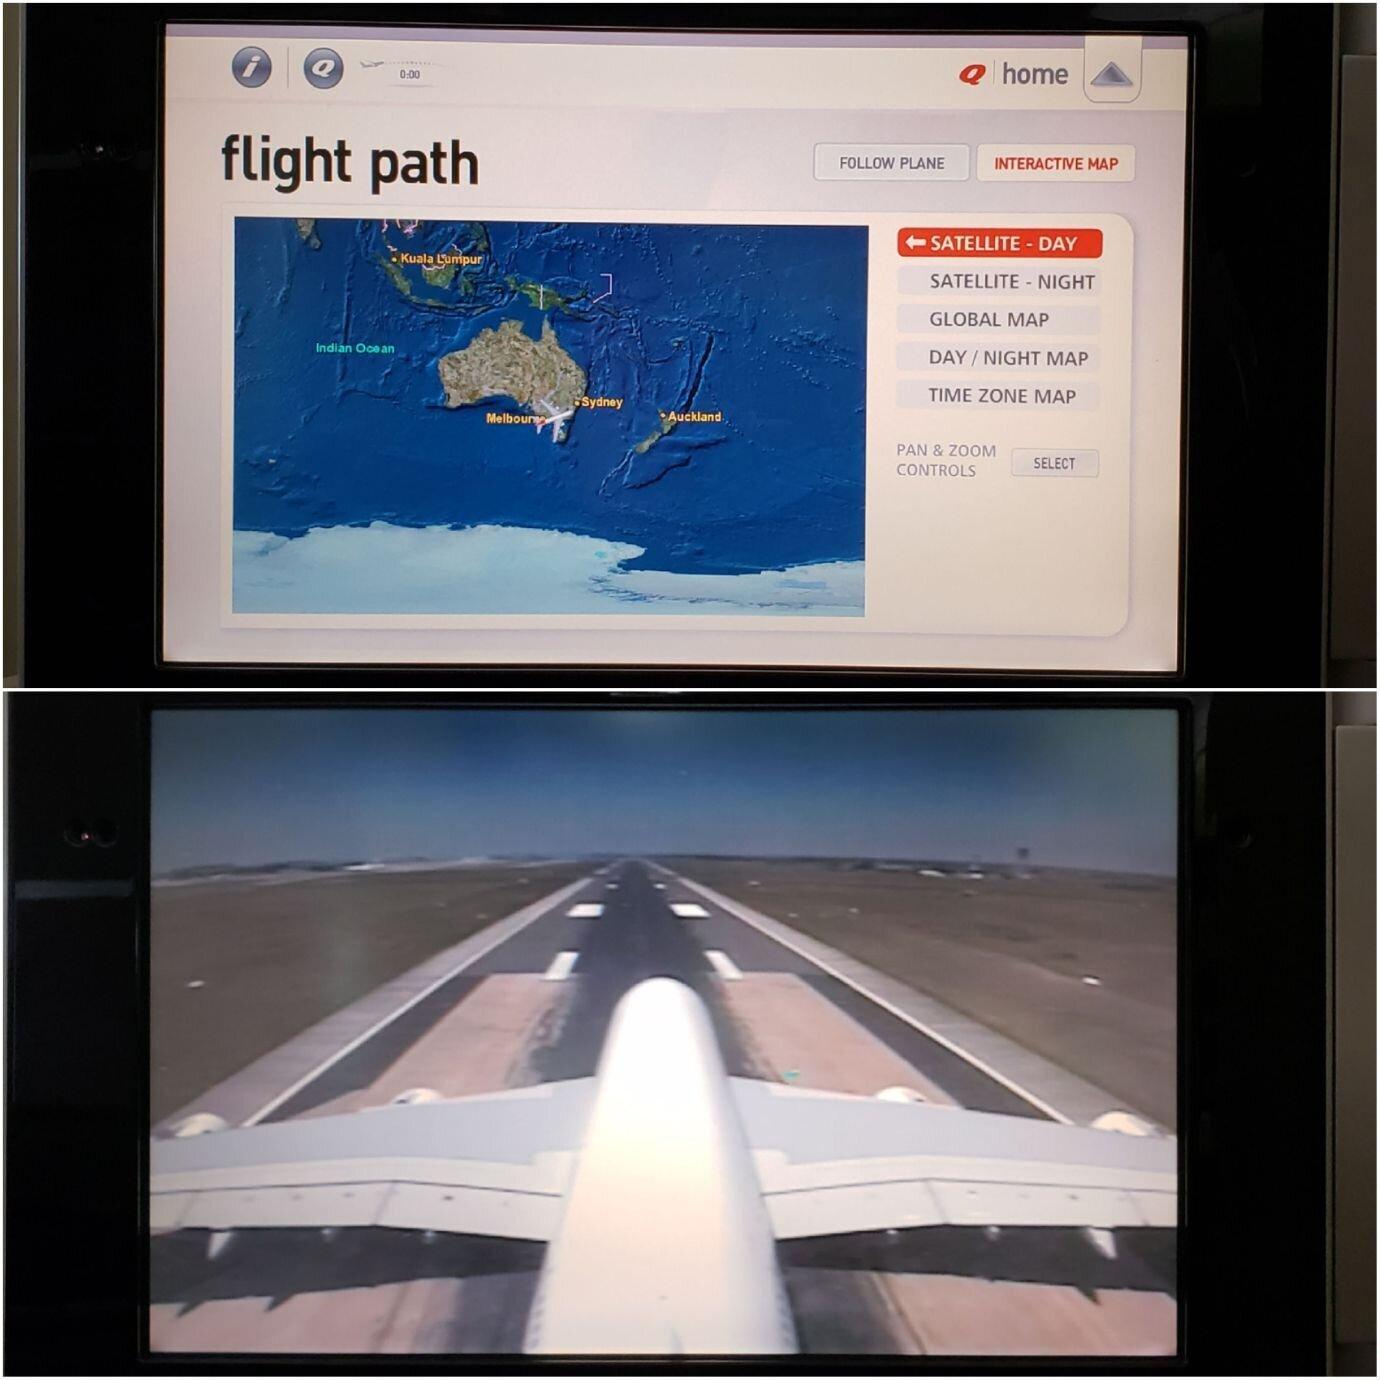 地圖的操作模式(上圖)選項很少,但有機外攝影機(下圖)可以看到機外的景色,只不過畫質頗差